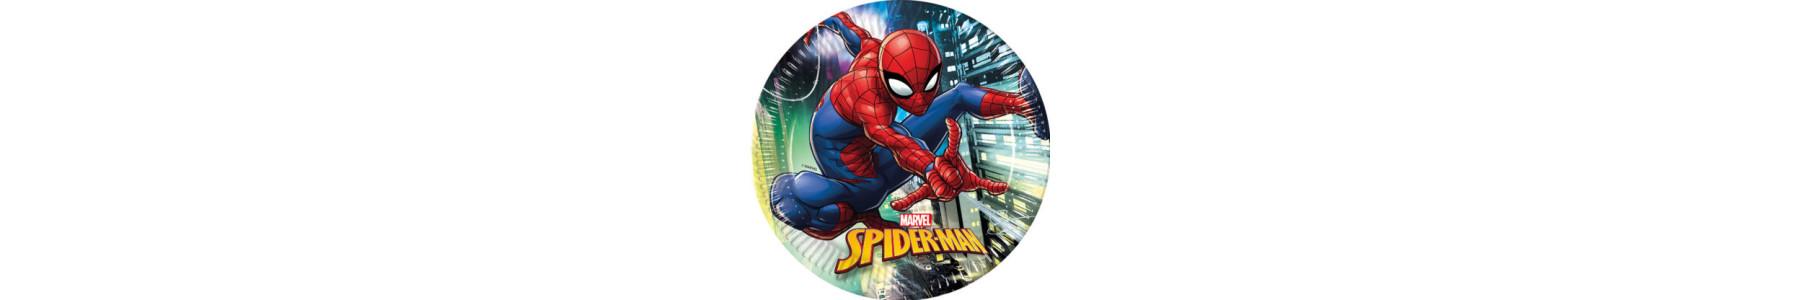 Accesorii de petrecere Spiderman Team Up